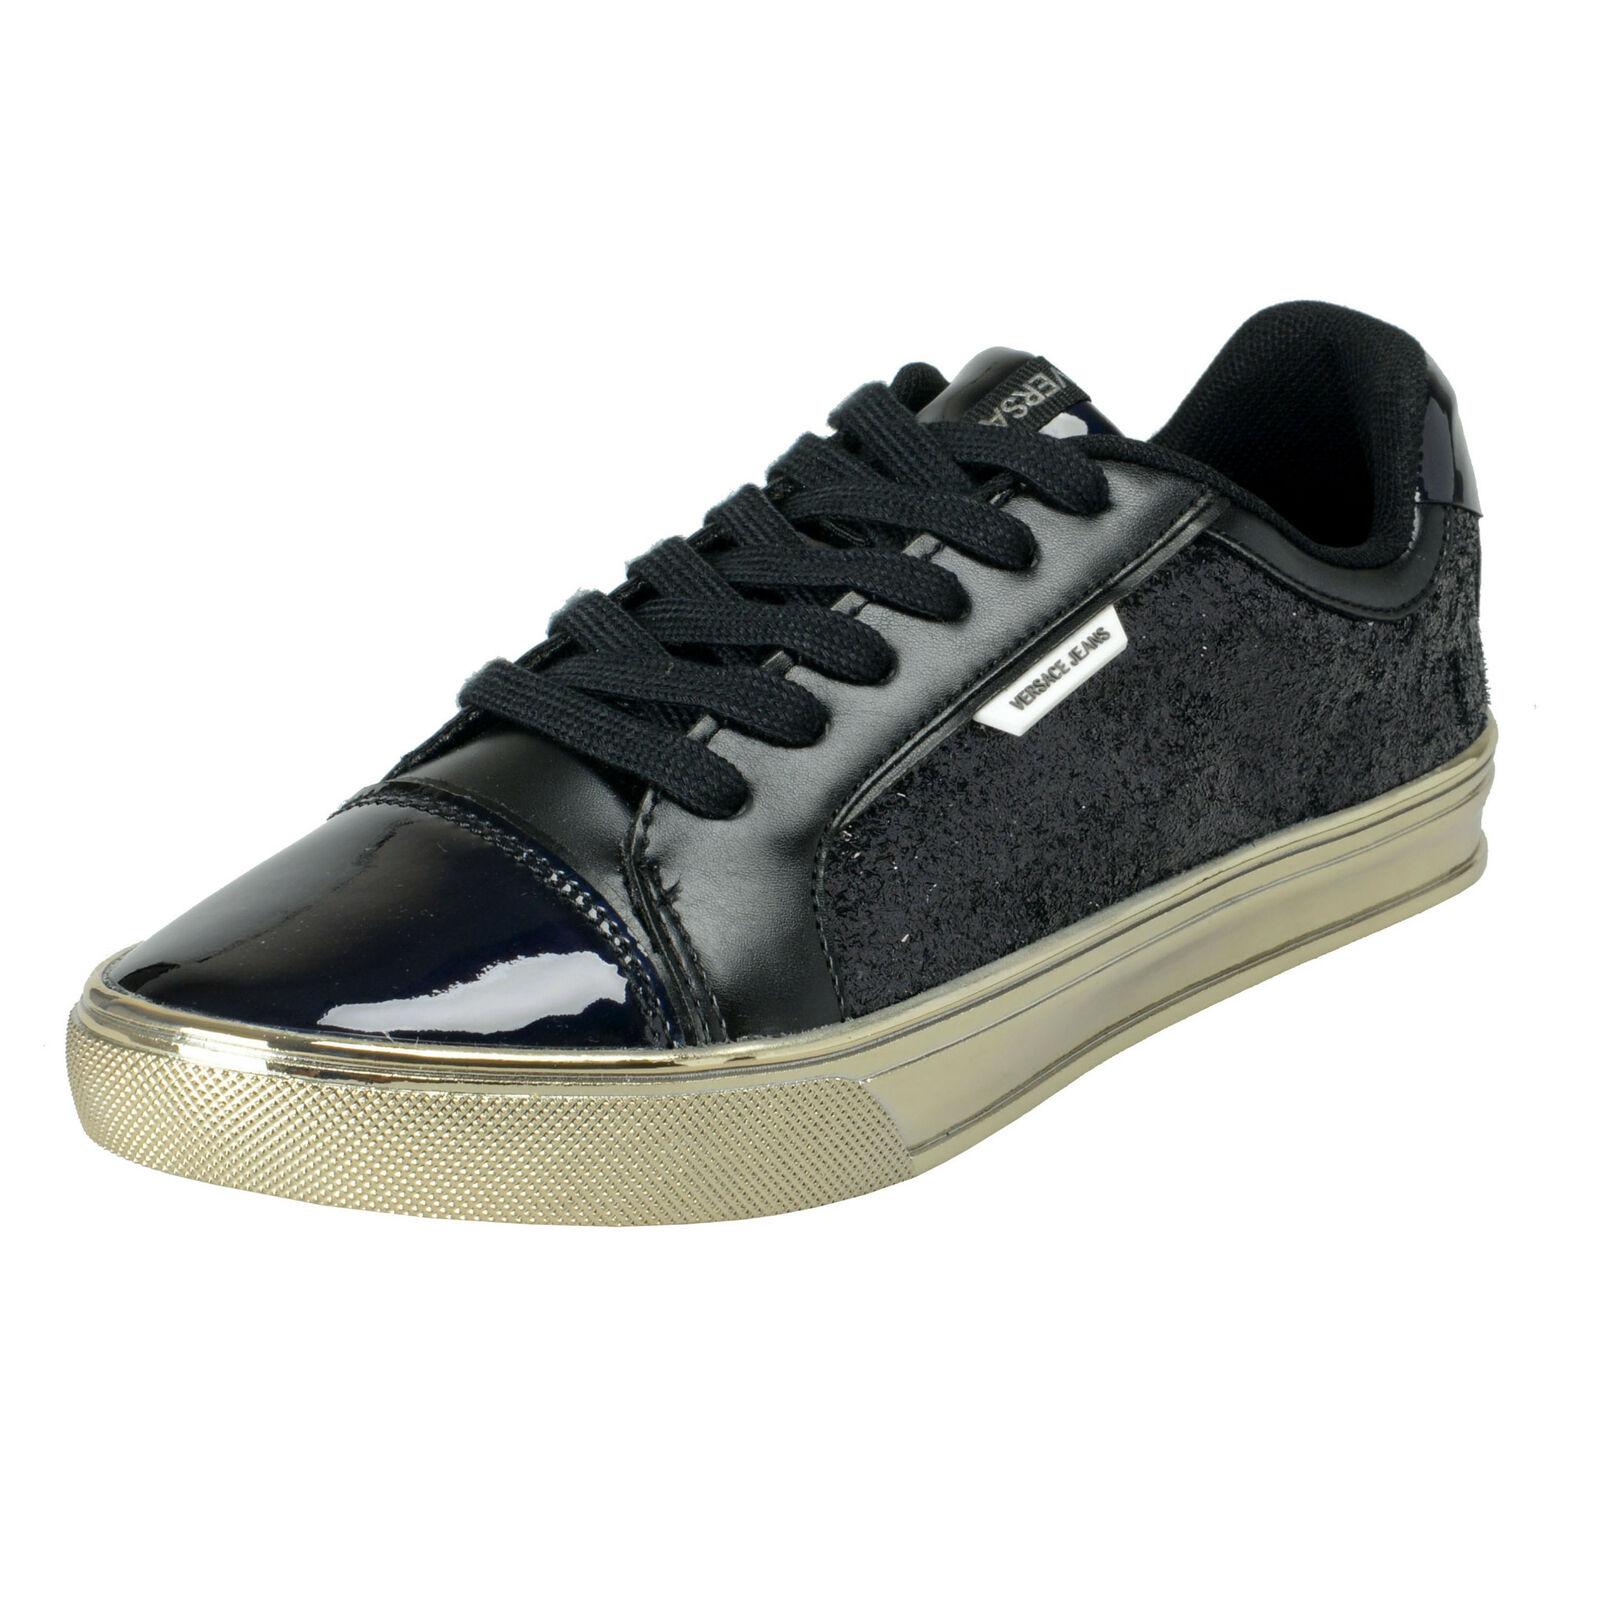 Versace Jeans Women's Sparkle Black Mesh Fashion Sneakers shoes Sz 6 7 8 9 10 11